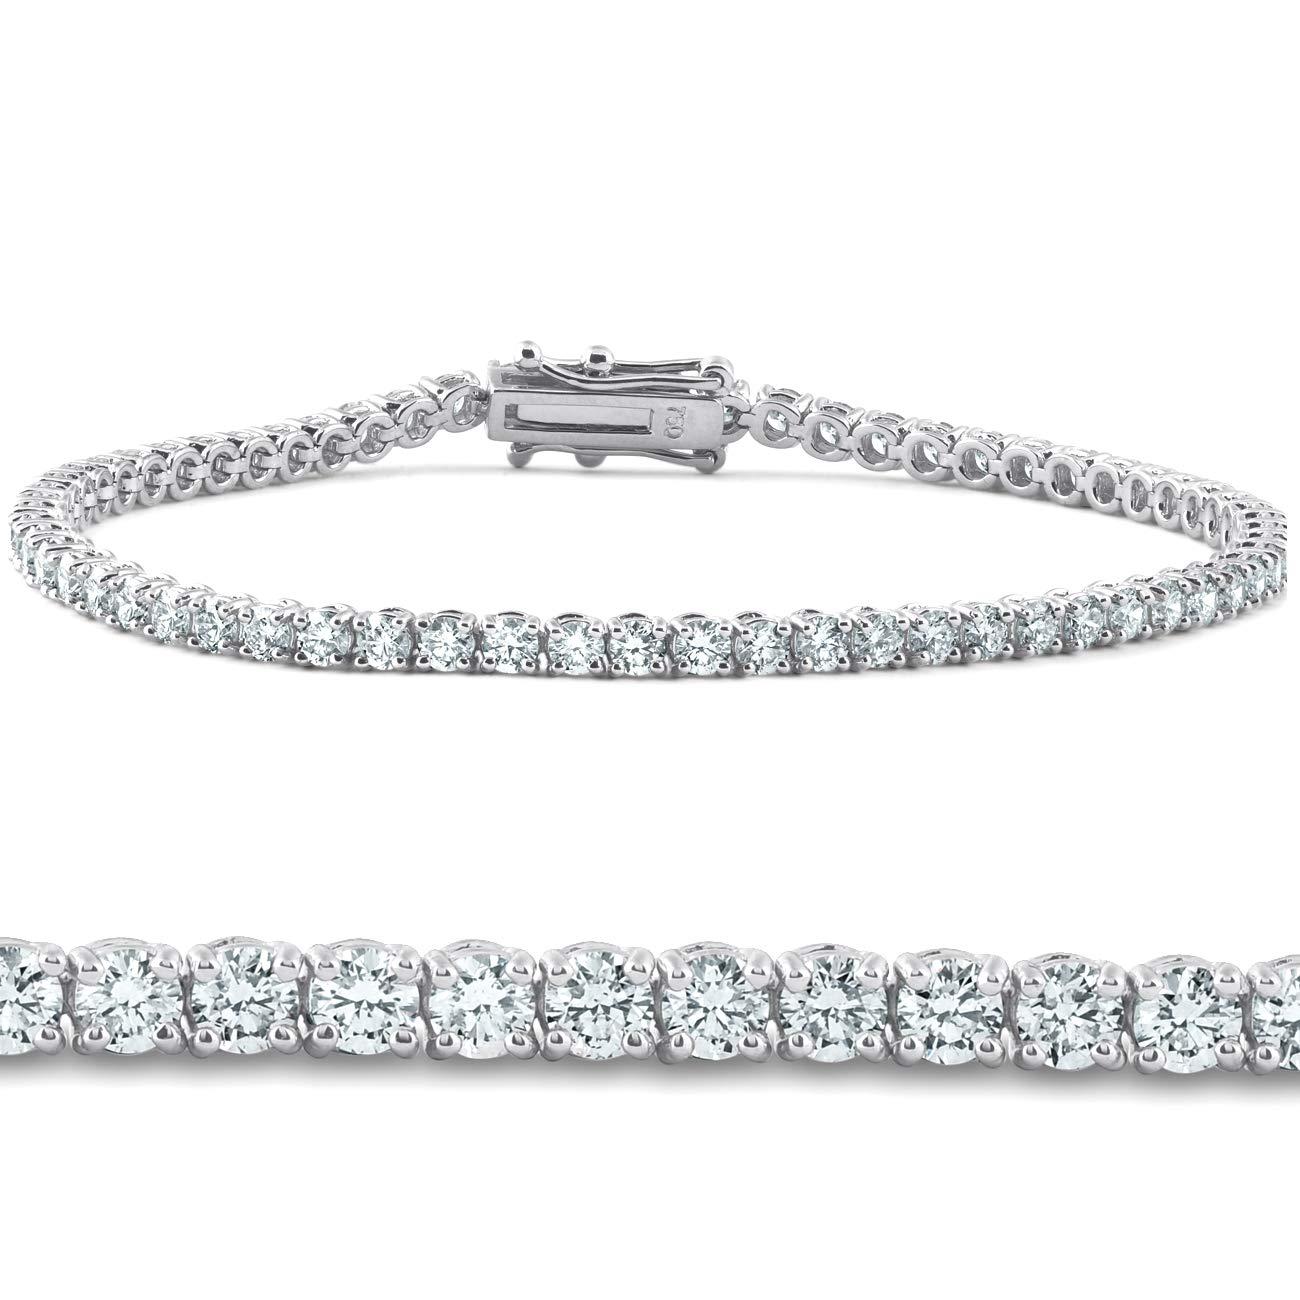 4ct Diamond Tennis Bracelet 14K White Gold 7'' by P3 POMPEII3